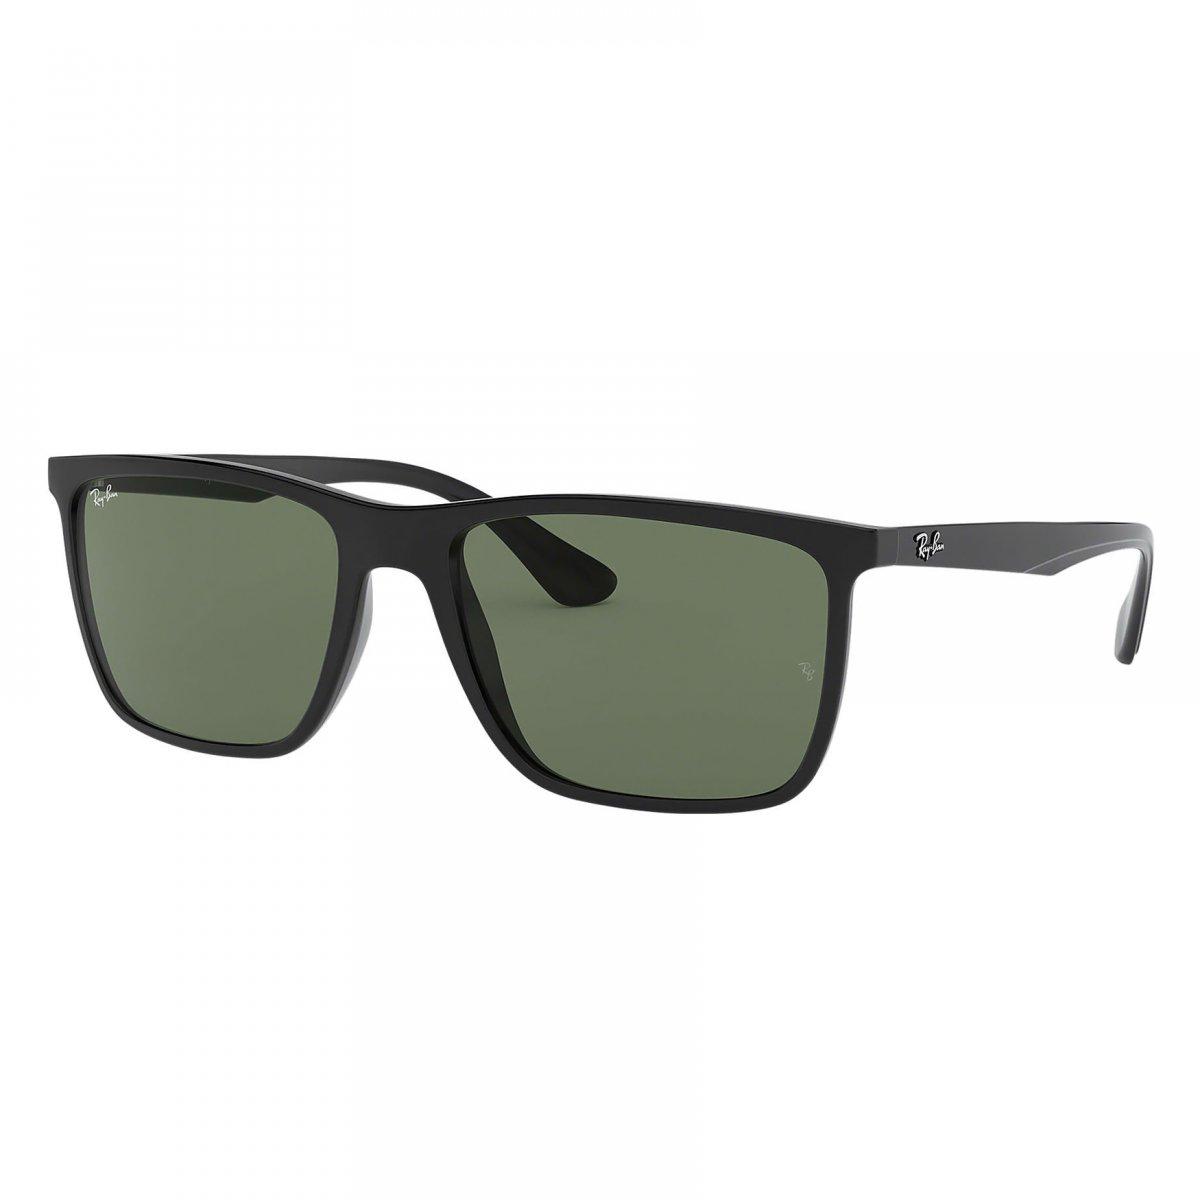 bacf76a8f Óculos de Sol Feminino Ray Ban   Óculos de Sol Ray Ban RB4288L-601/71 57